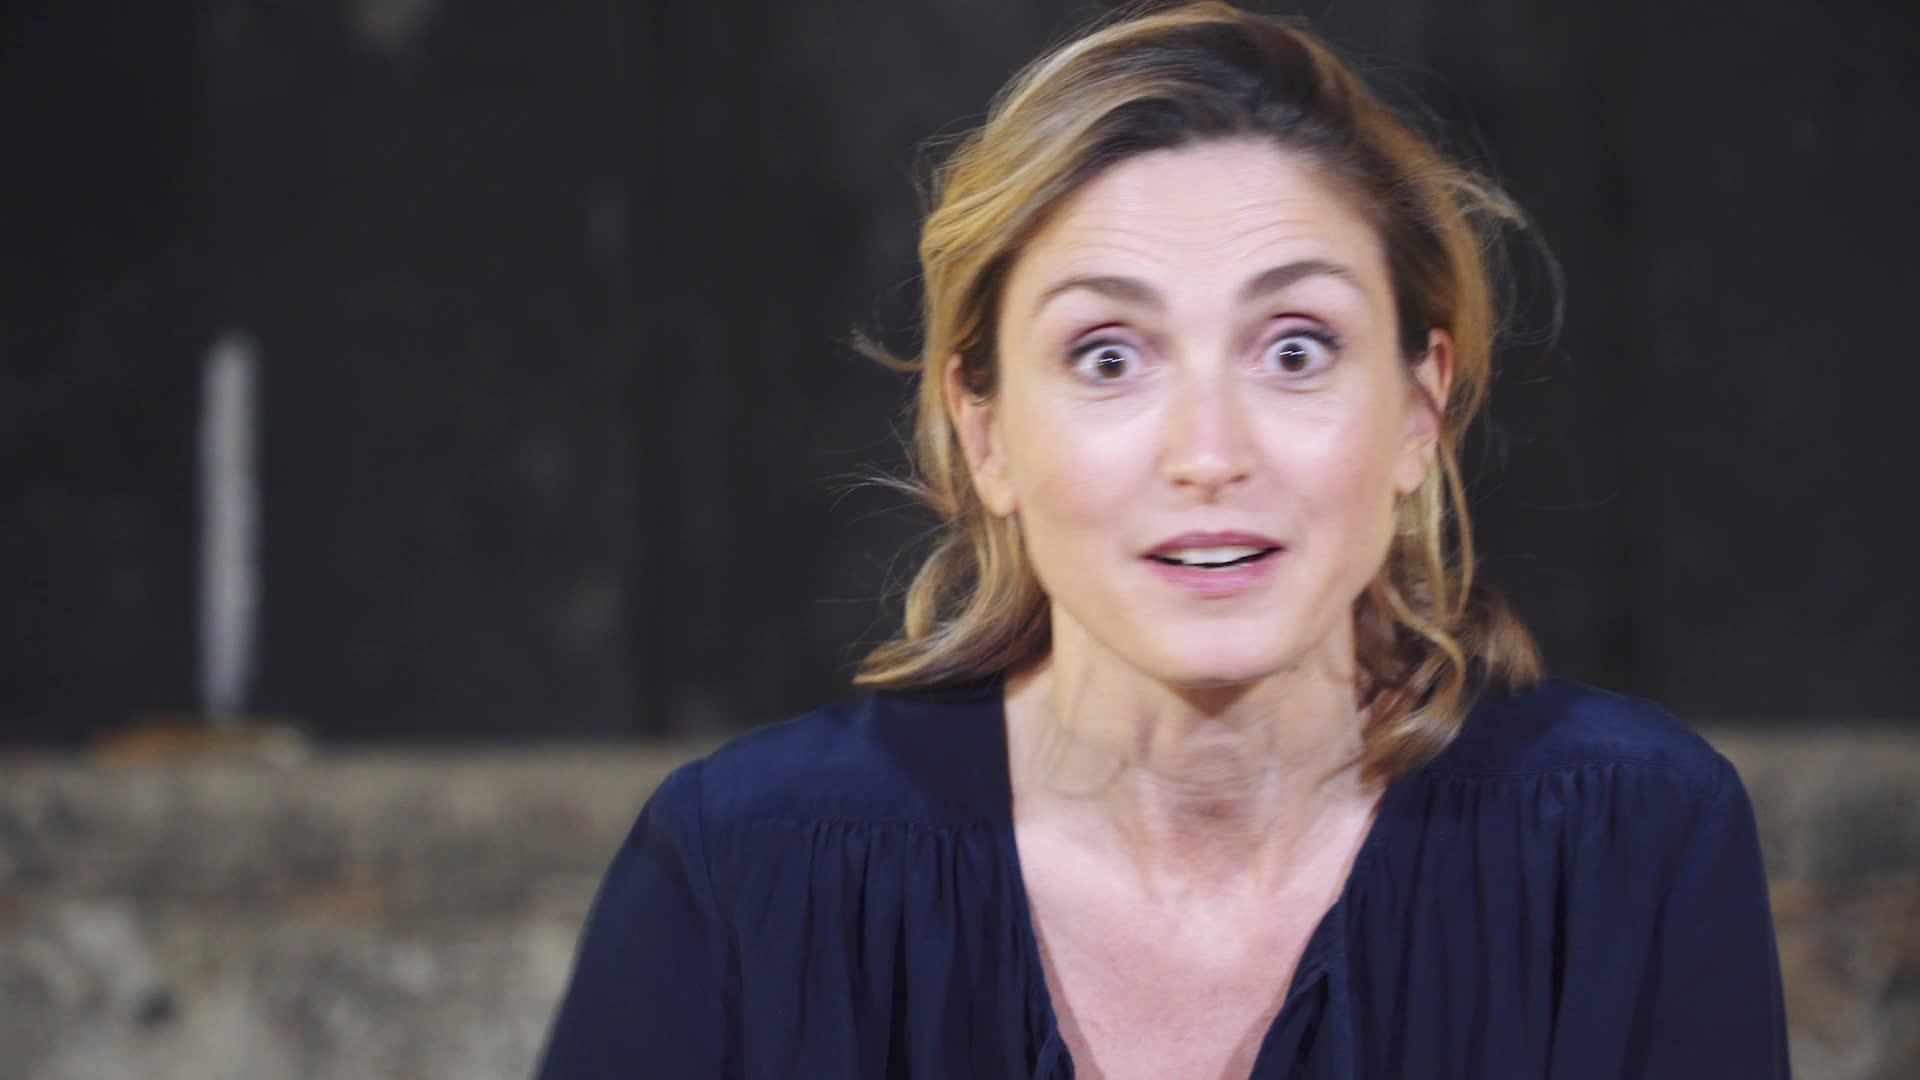 """Vidéo """"Rabbit Hole"""", m.e.s. C. Stavisky - Entretien avec Julie Gayet"""